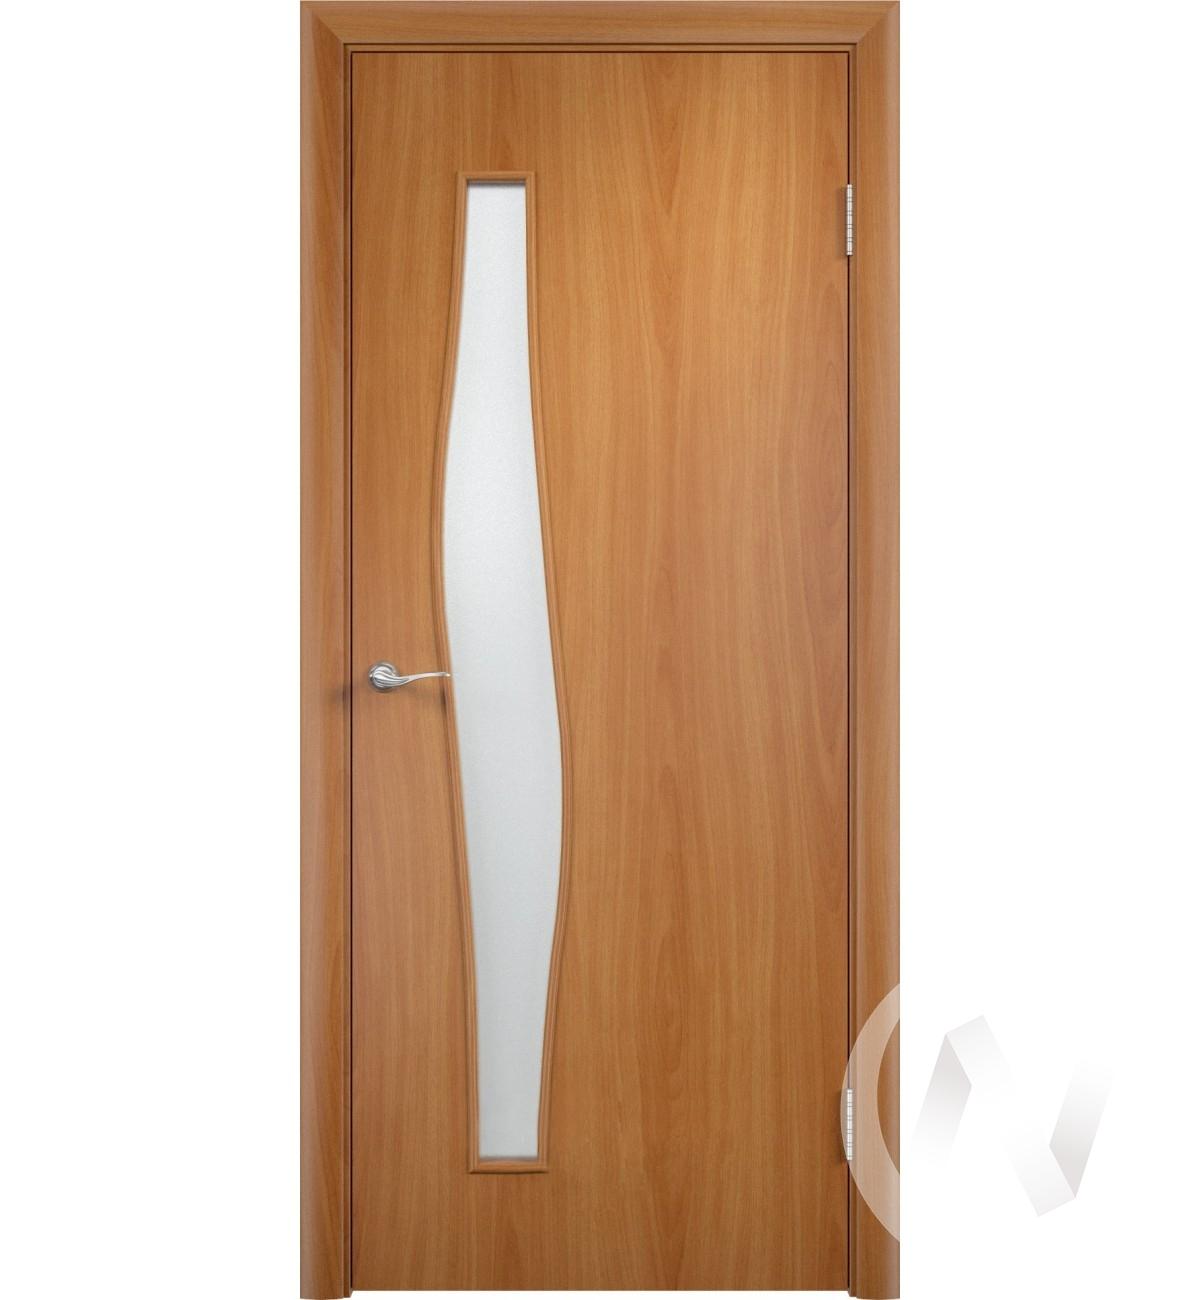 """Дверь ламинированная Тип """"Волна"""", 60, ост, миланский орех, стекло матовое"""